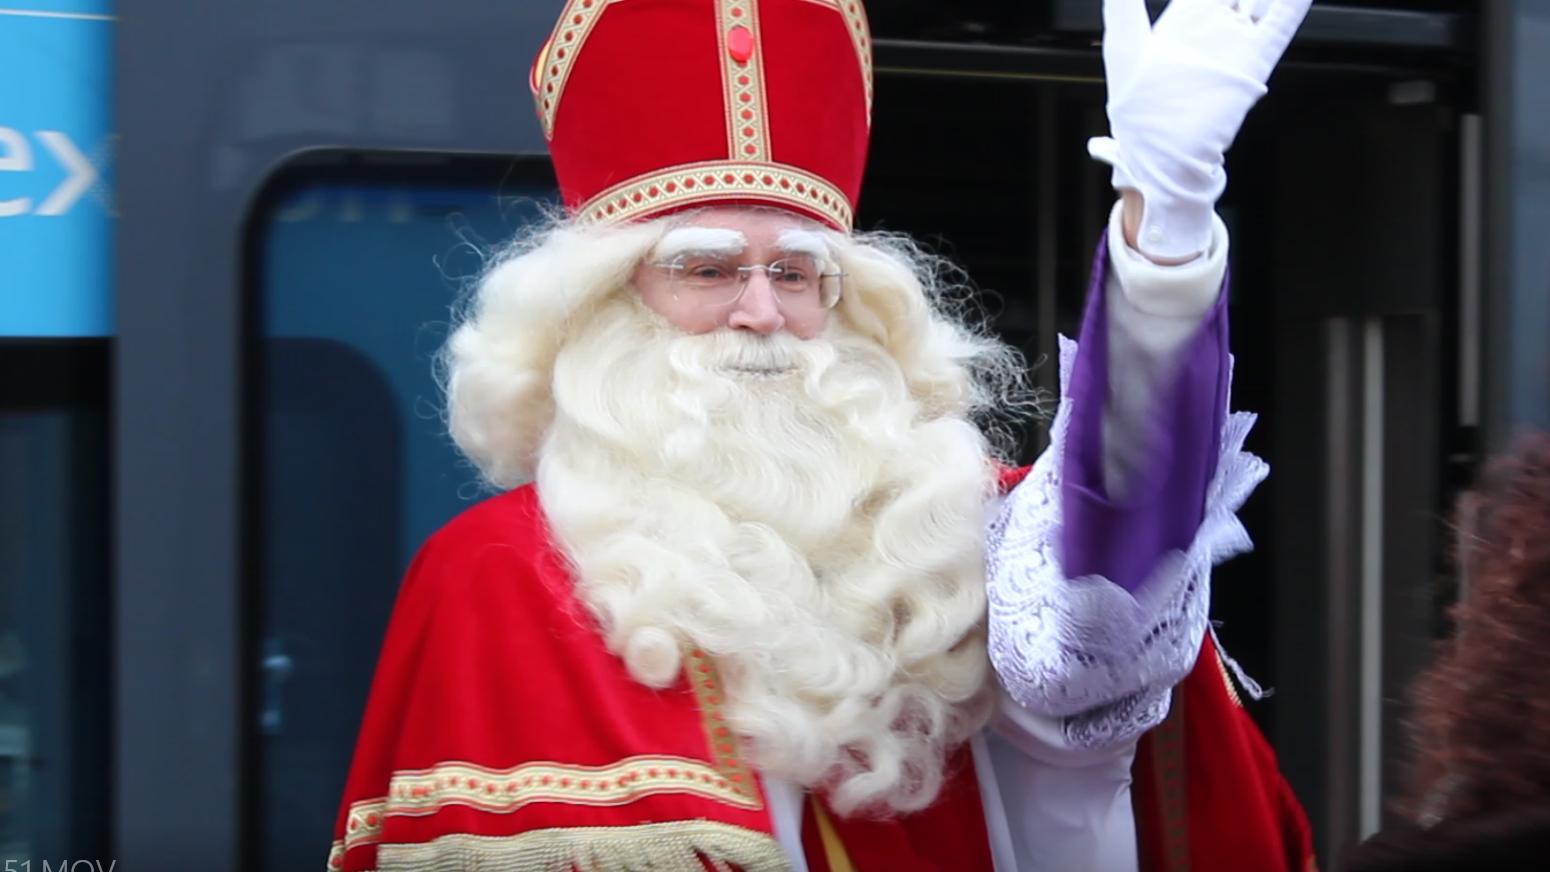 Sinterklaas Komt Aan In Het Land De Vraag Is Waar Ede